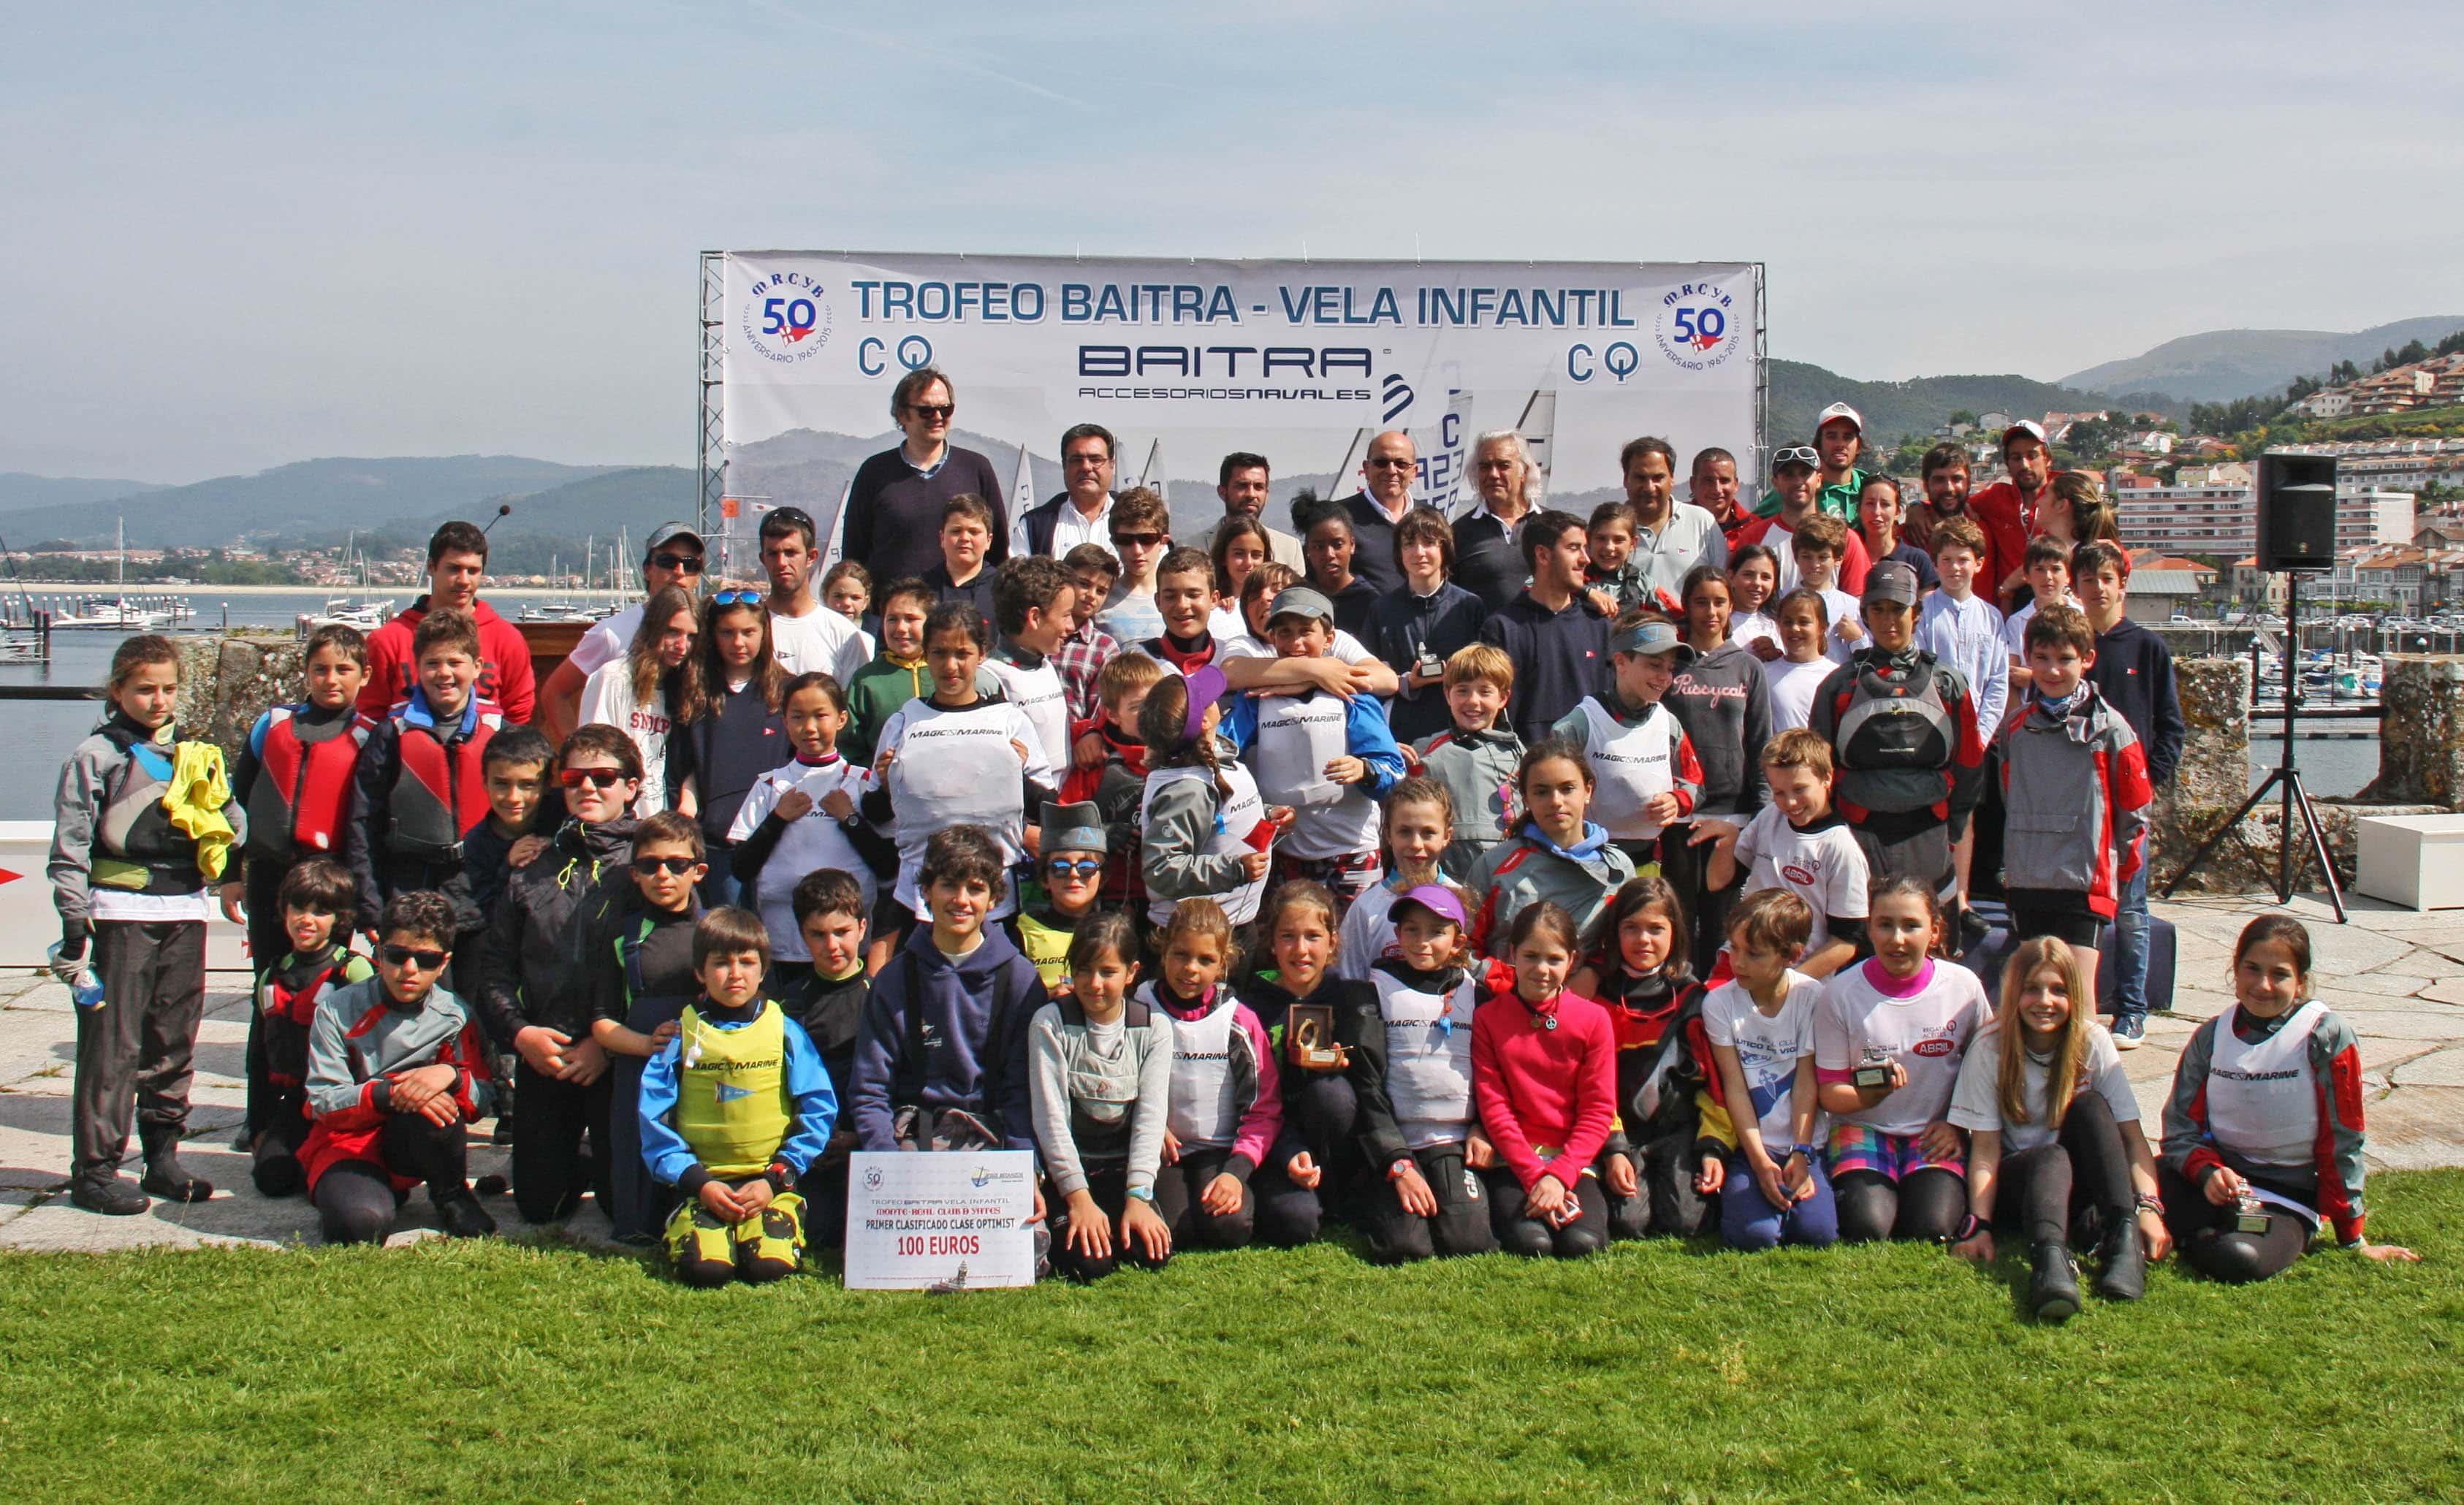 Santiago Moreno en Optimist y Fereyot Simón y María Carneiro en Cadete ganan el Trofeo Baitra de Vela Infantil